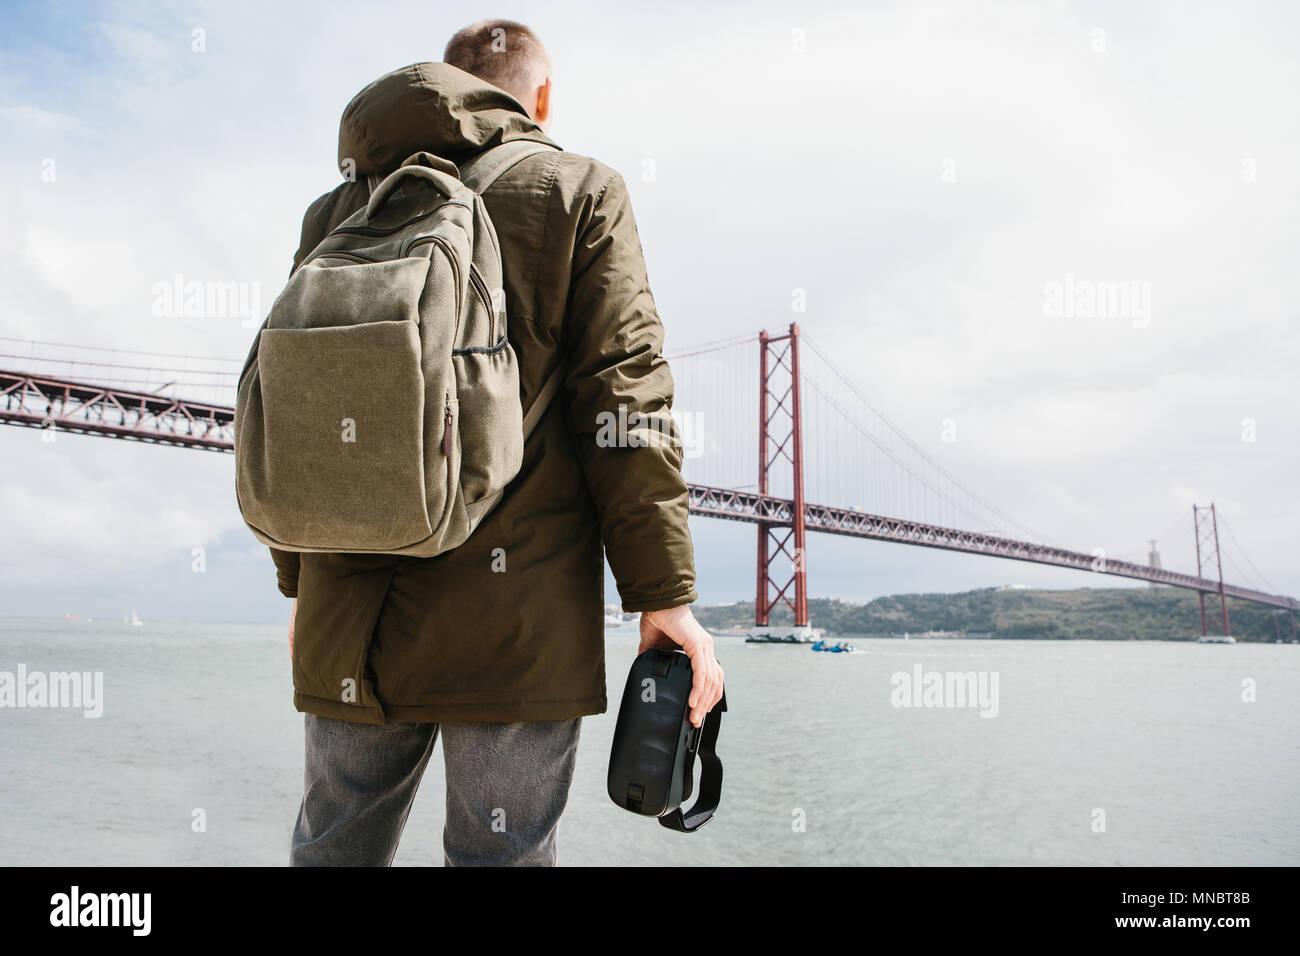 Der Mann hält die virtual reality Brille und schaut am 25. April in Lissabon. Das Konzept der Virtuellen Reise und Tourismus. Moderne Technologien und deren Einsatz im täglichen Leben Stockbild